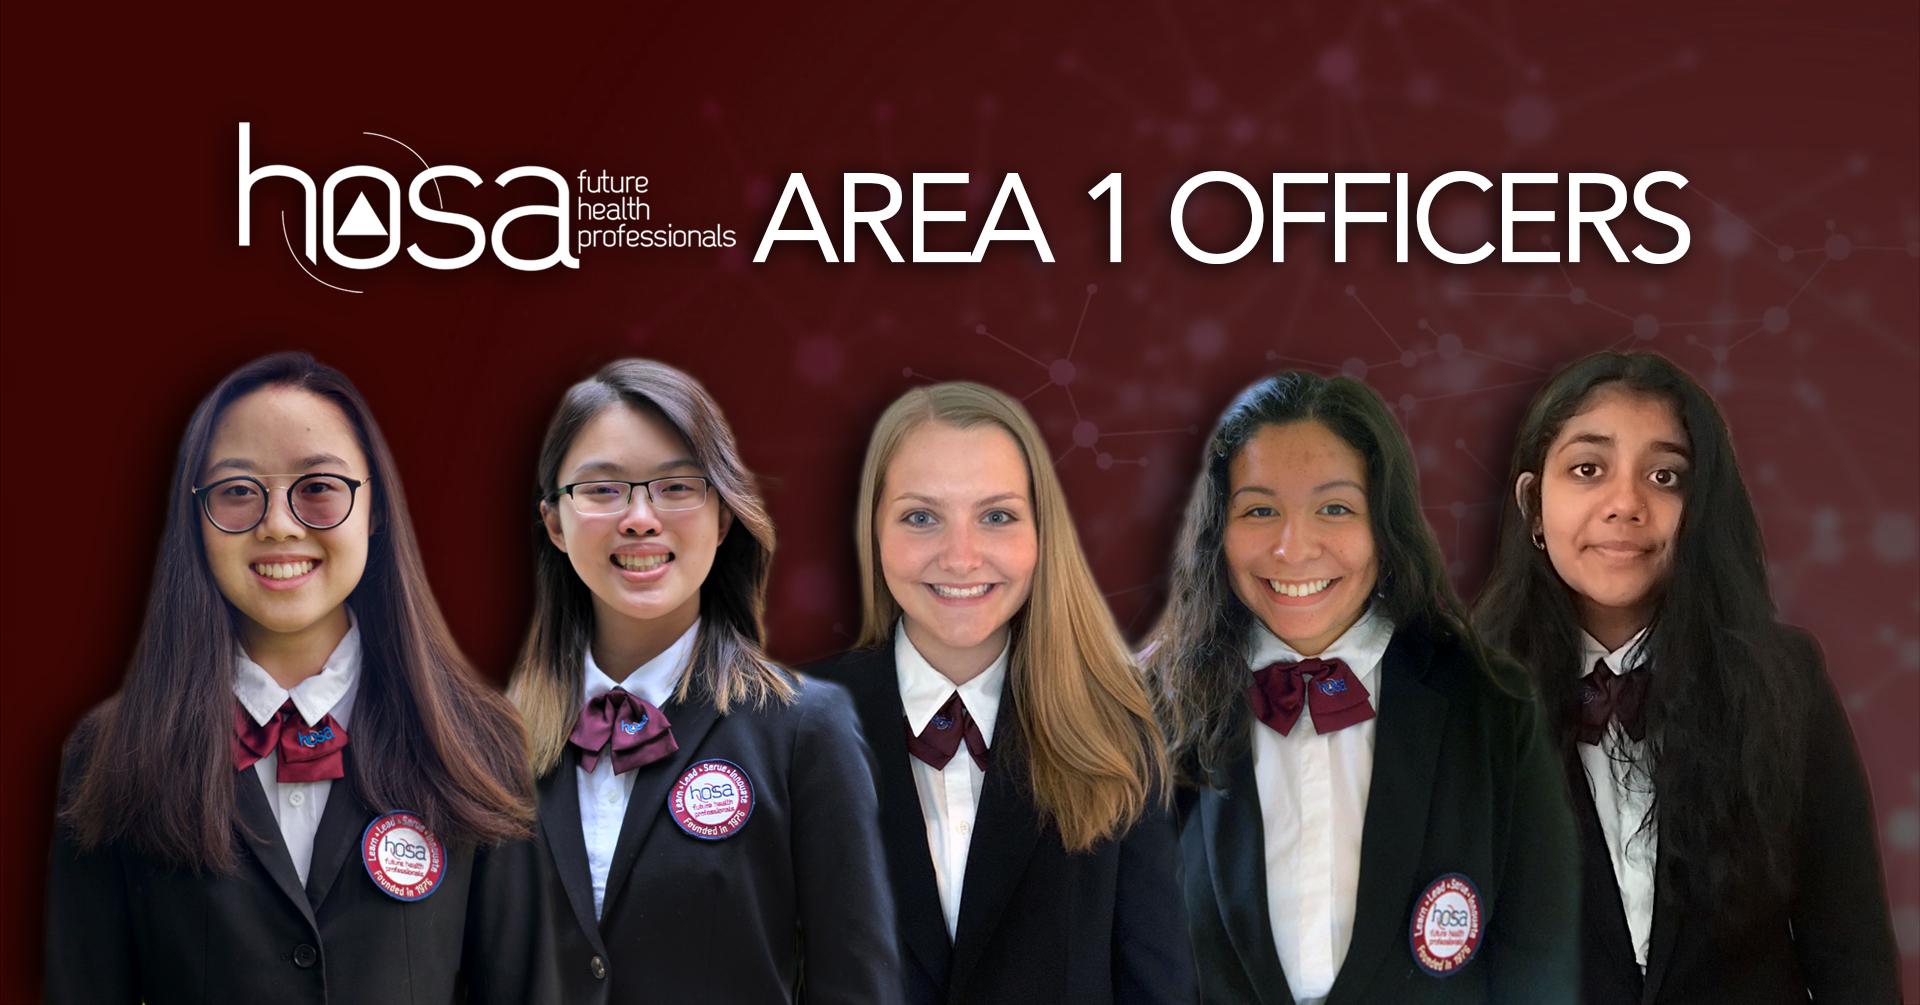 hosa area 1 officers